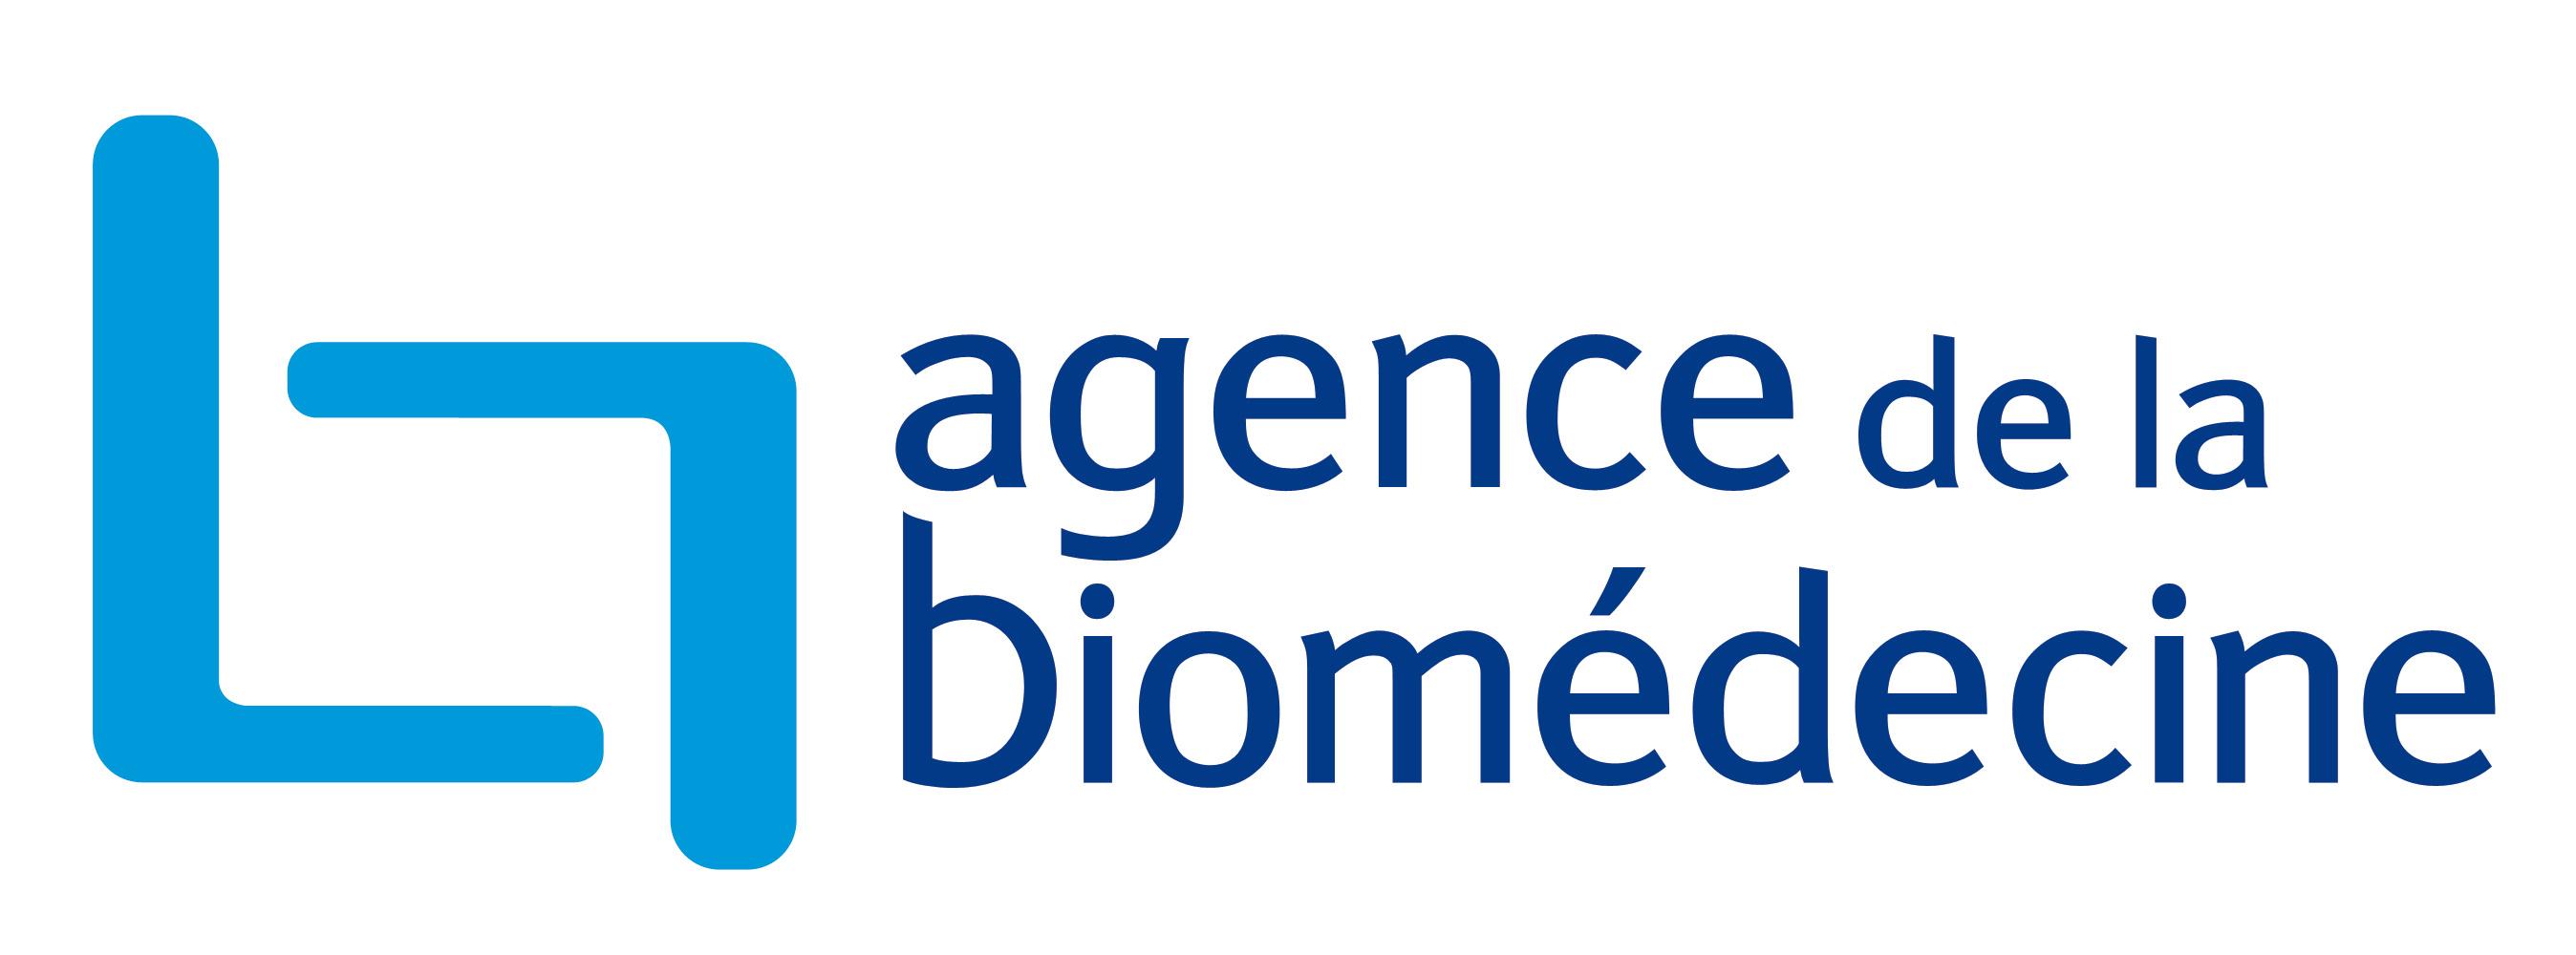 Agence_de_la_biomedecine_logo